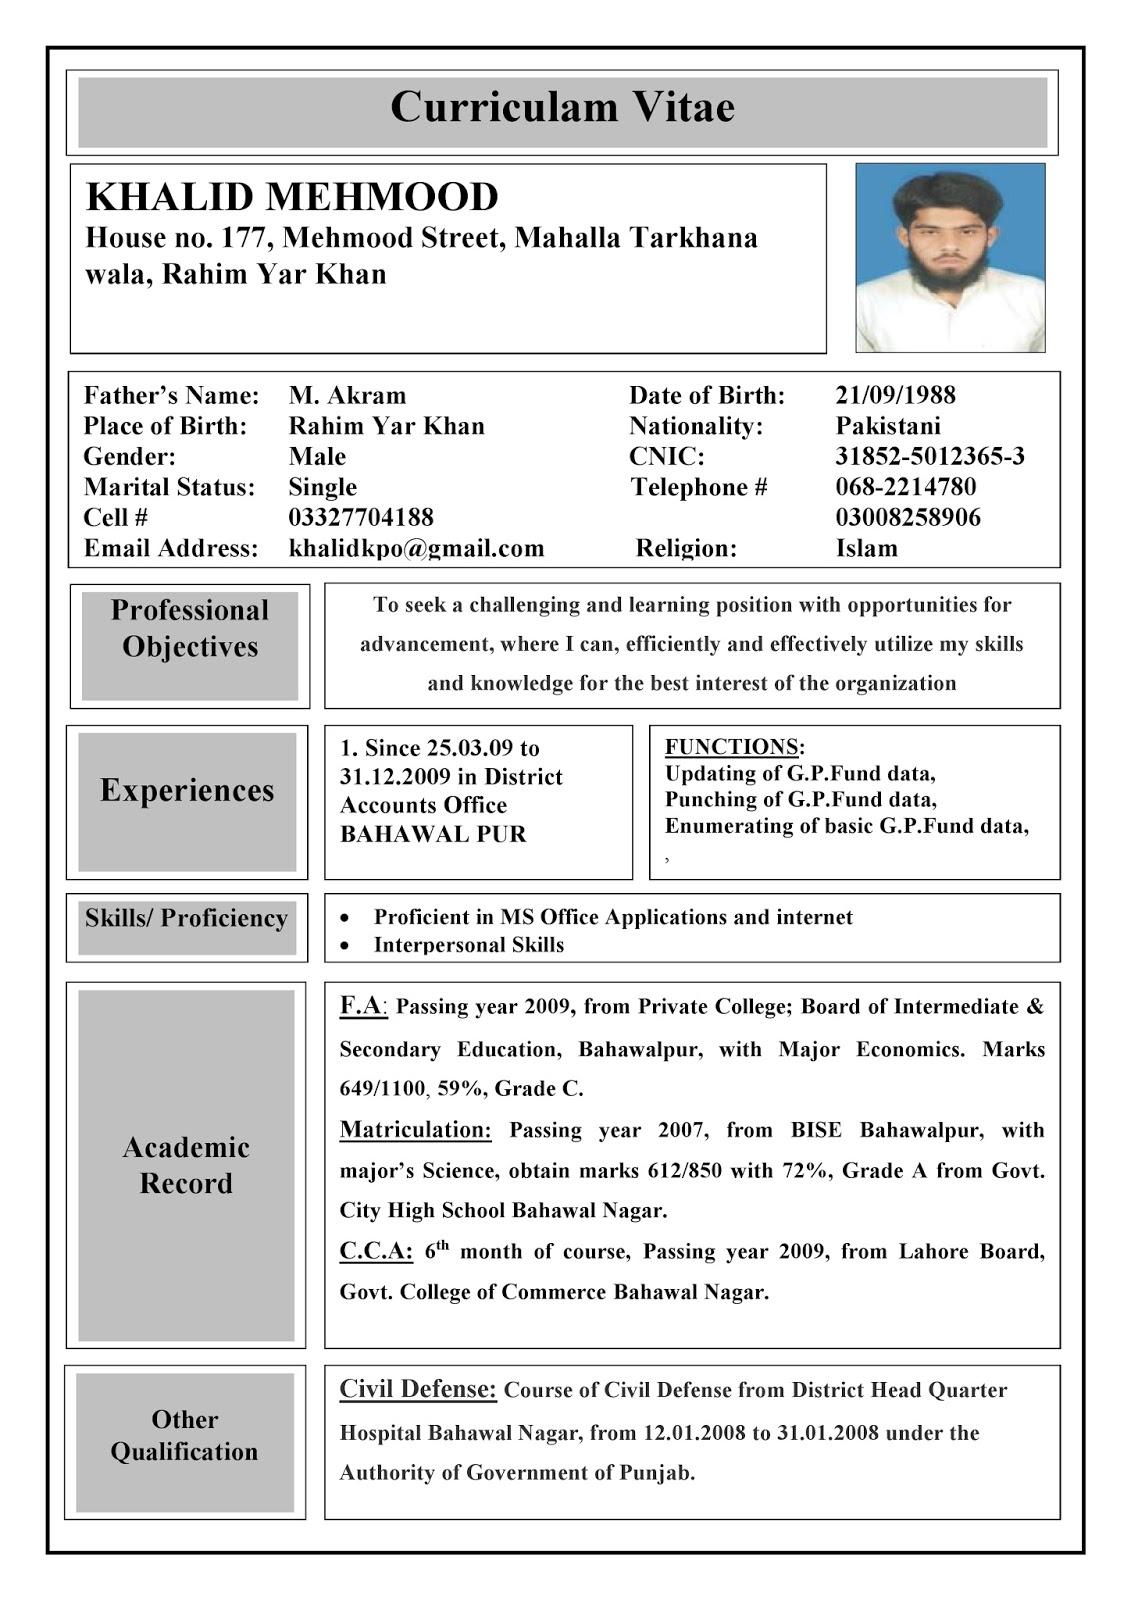 curriculum vitae cv sample 16